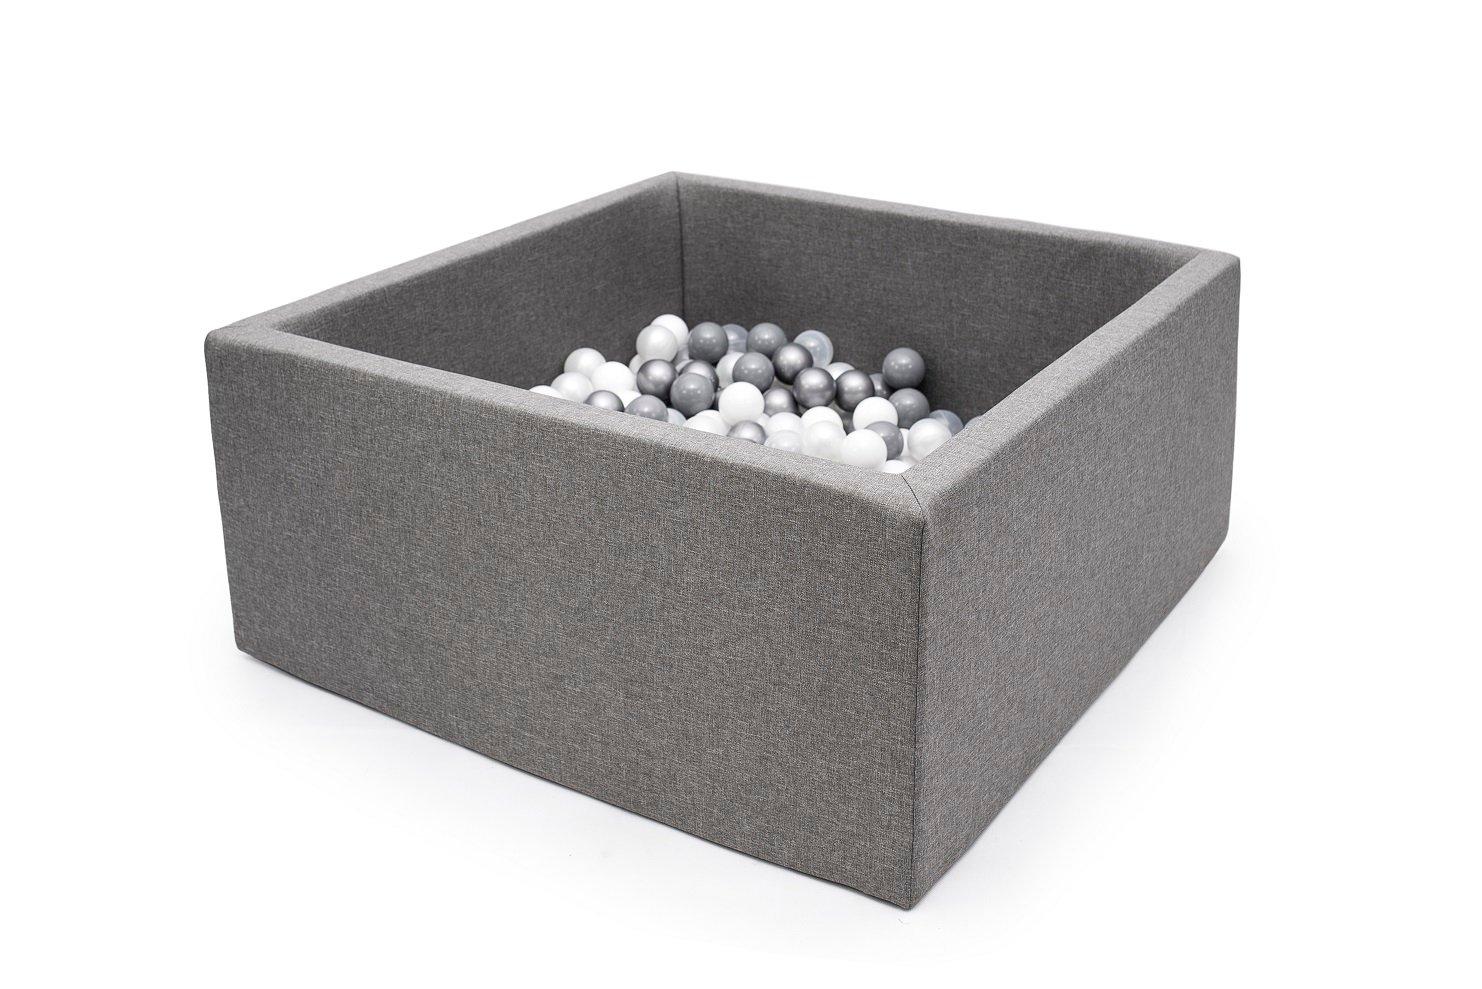 Piscine Carrée 4 Coloris Au Choix Avec 250 Balles | Gribouilletachambre à Piscine A Balle En Mousse